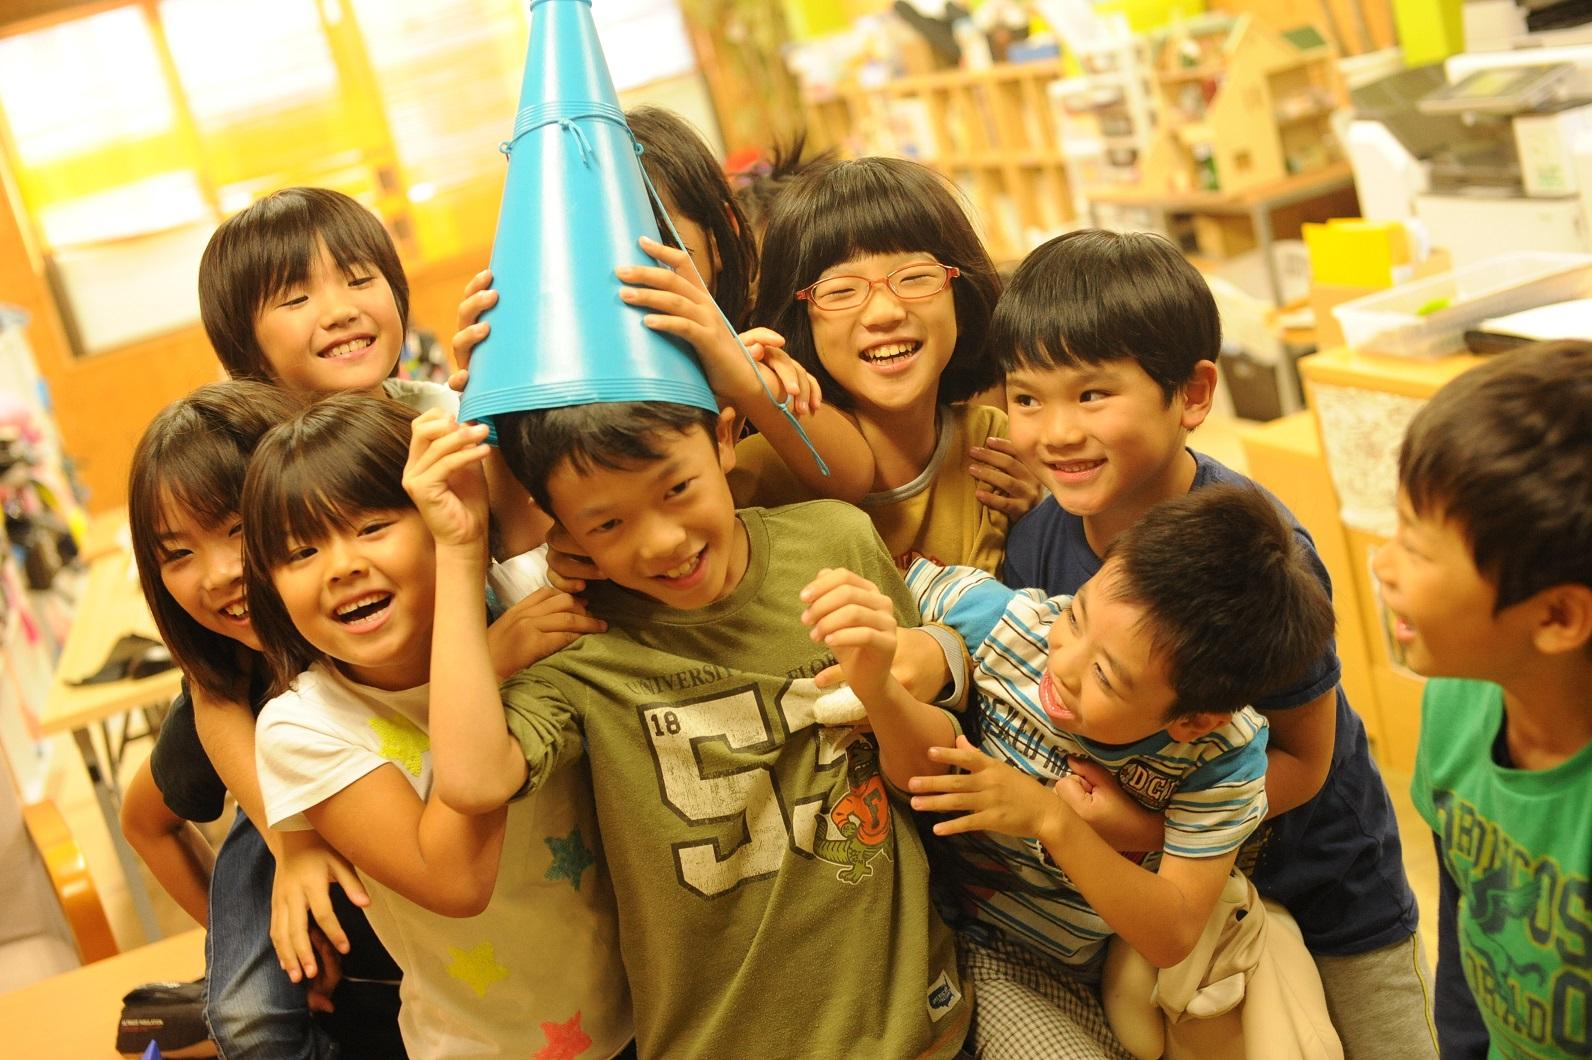 【求人情報・2016年2月】子どもや若者の成長を支えるソーシャルビジネス・NPO・ベンチャー企業で働く!